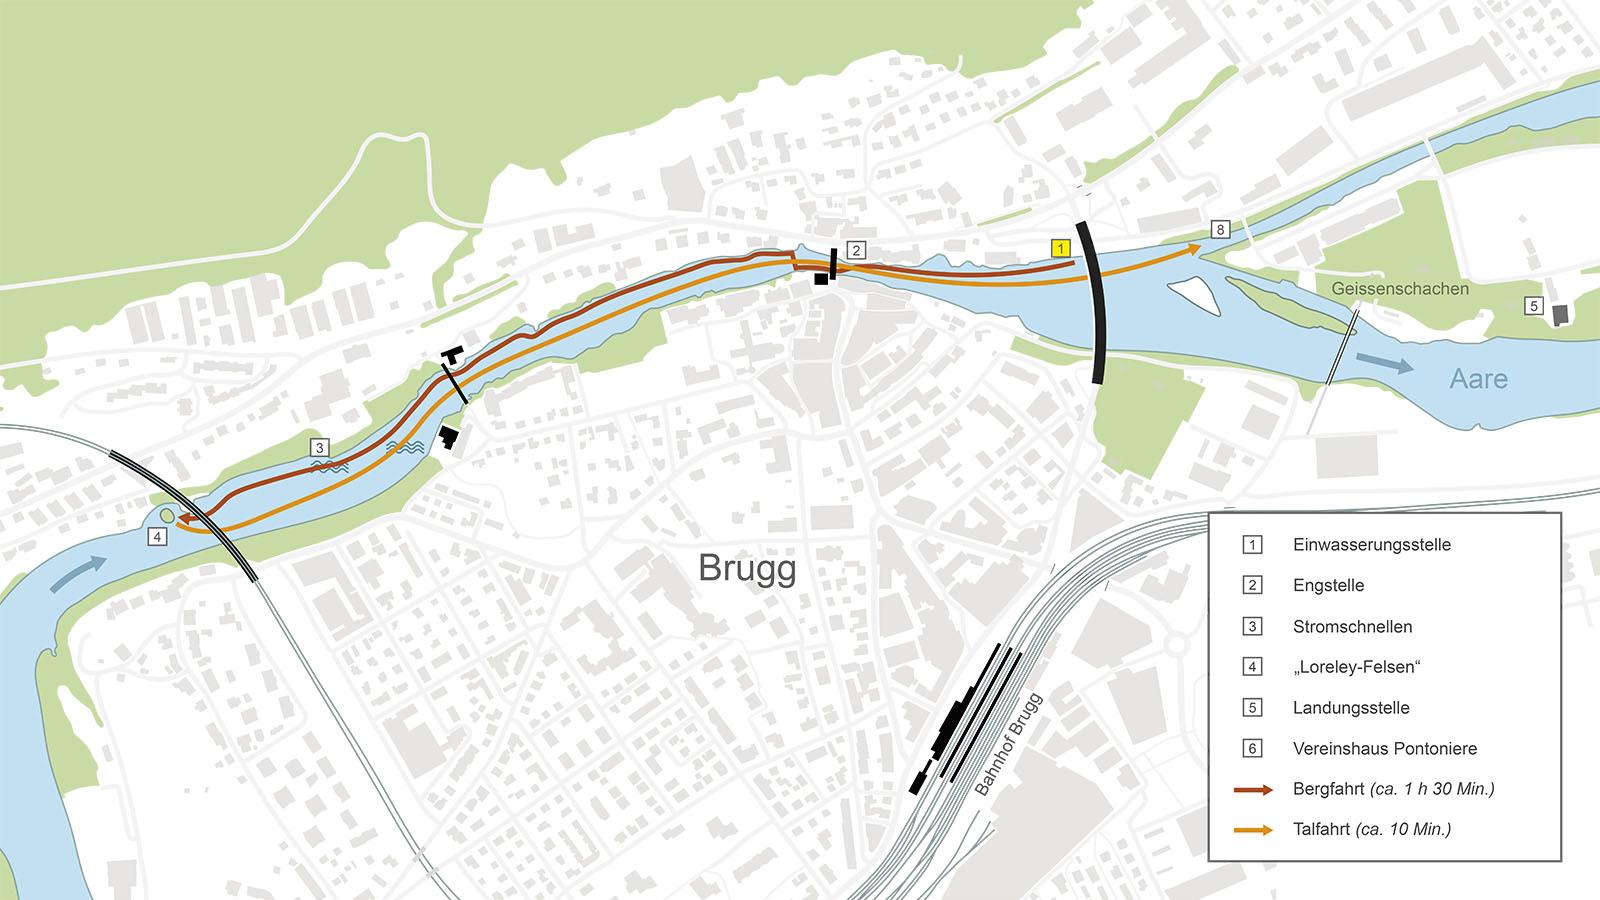 aareschlucht-brugg-übersicht